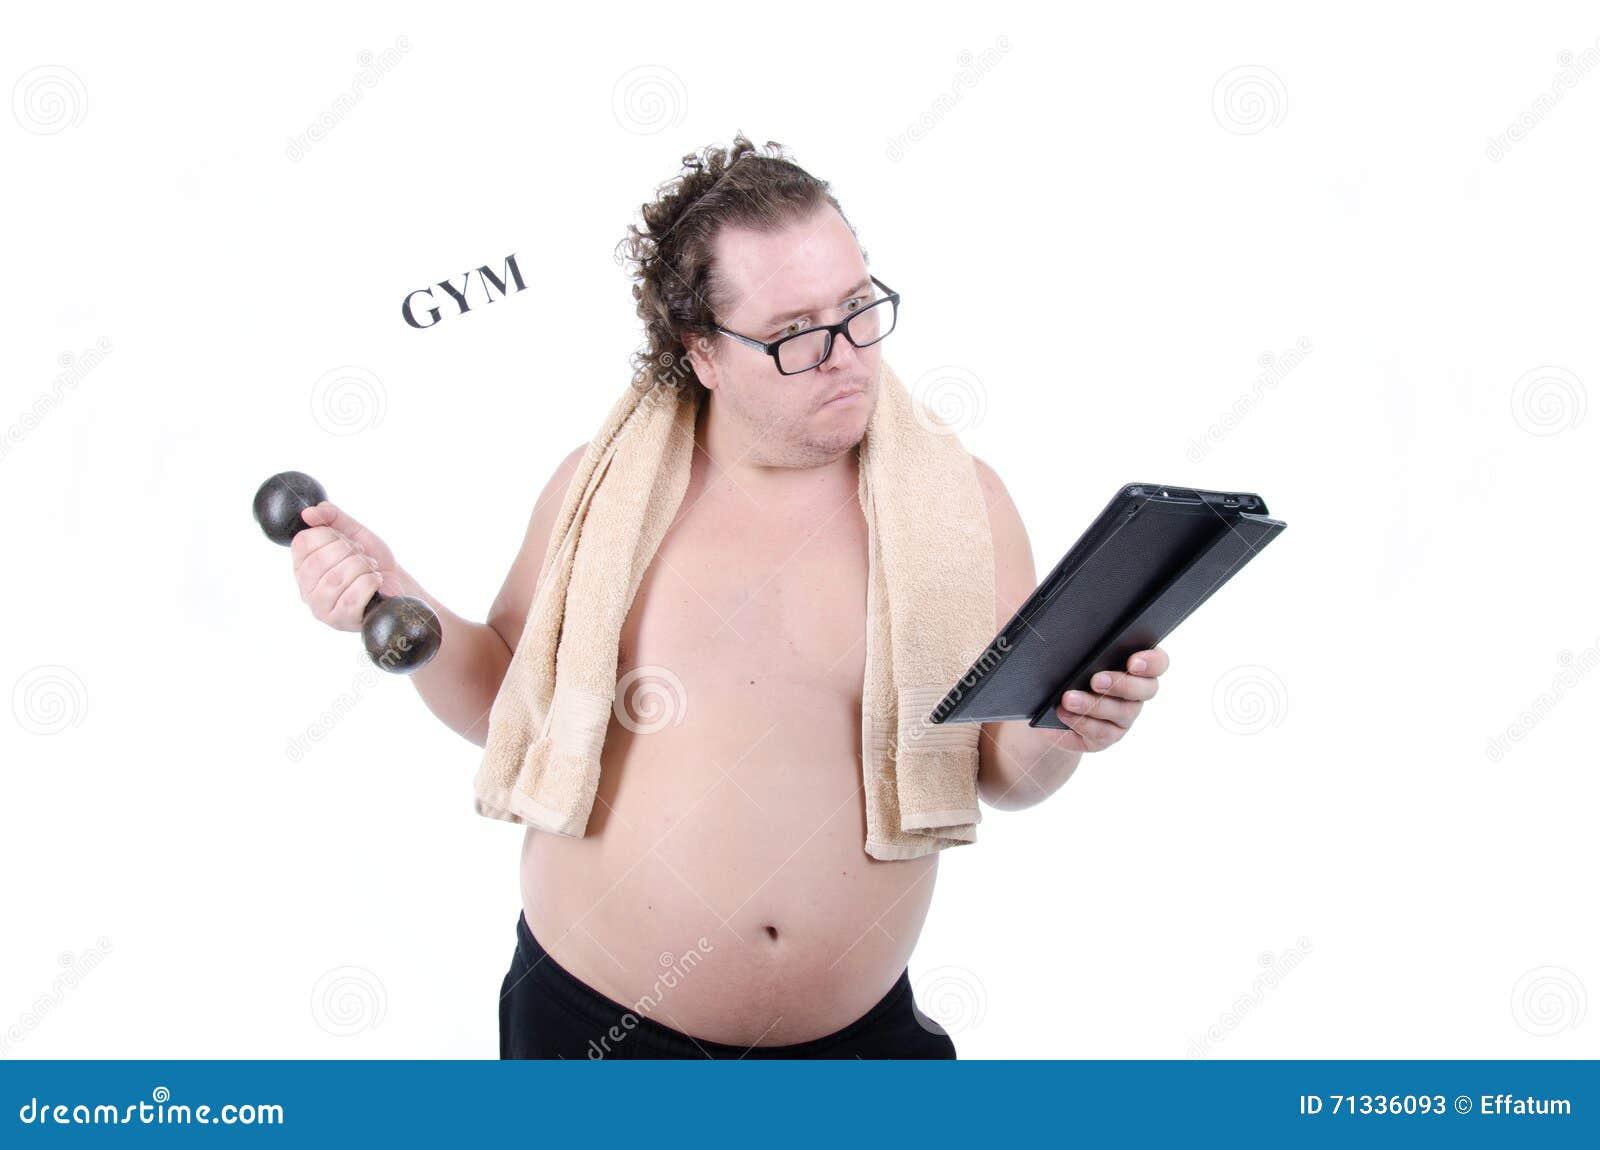 gif fucking sex daughter